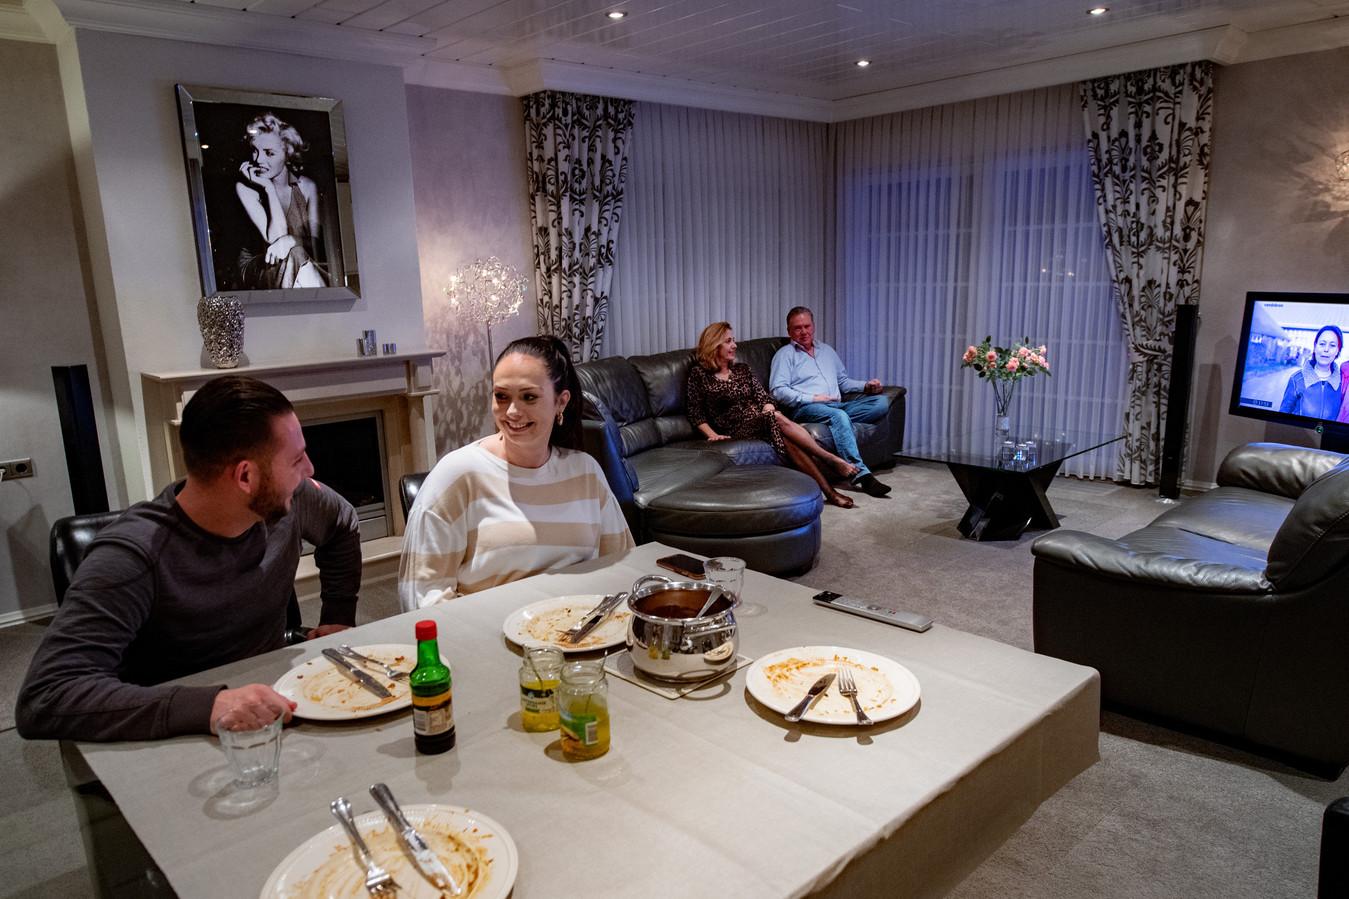 Yordi woont al 3 jaar in bij de ouders van Angela op Teersdijk